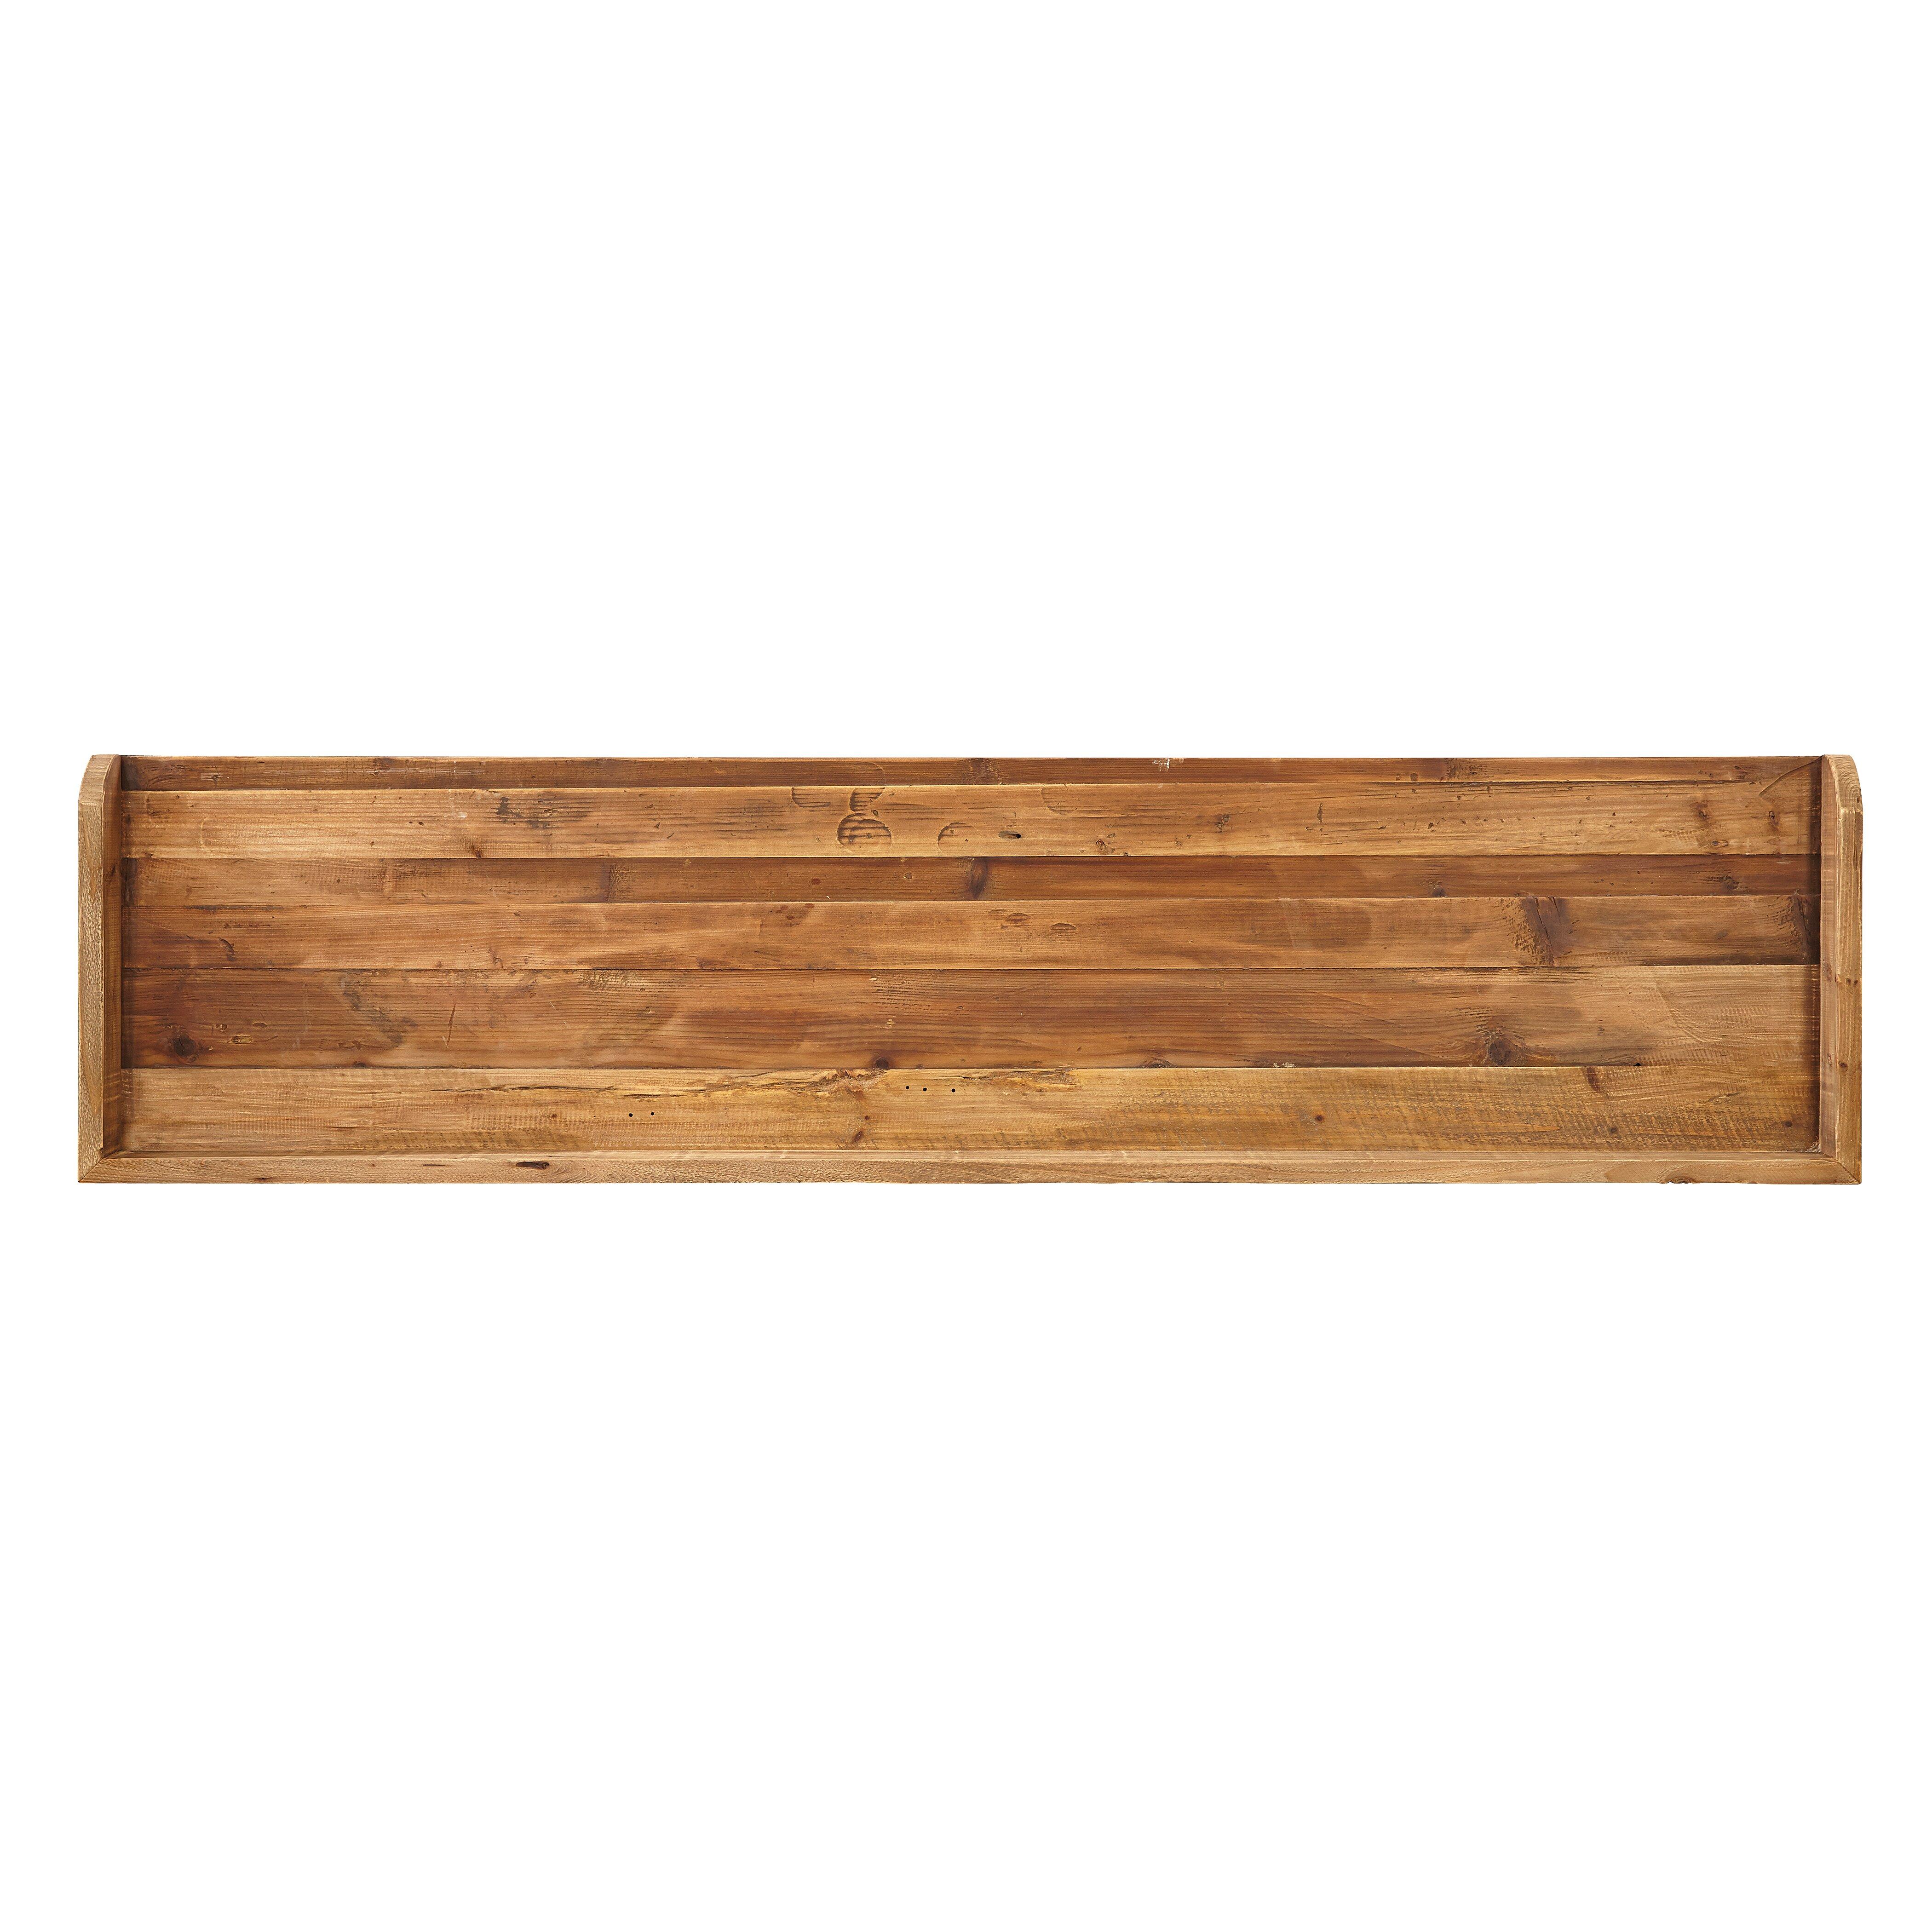 Furniture Classics Ltd Breeland Sideboard